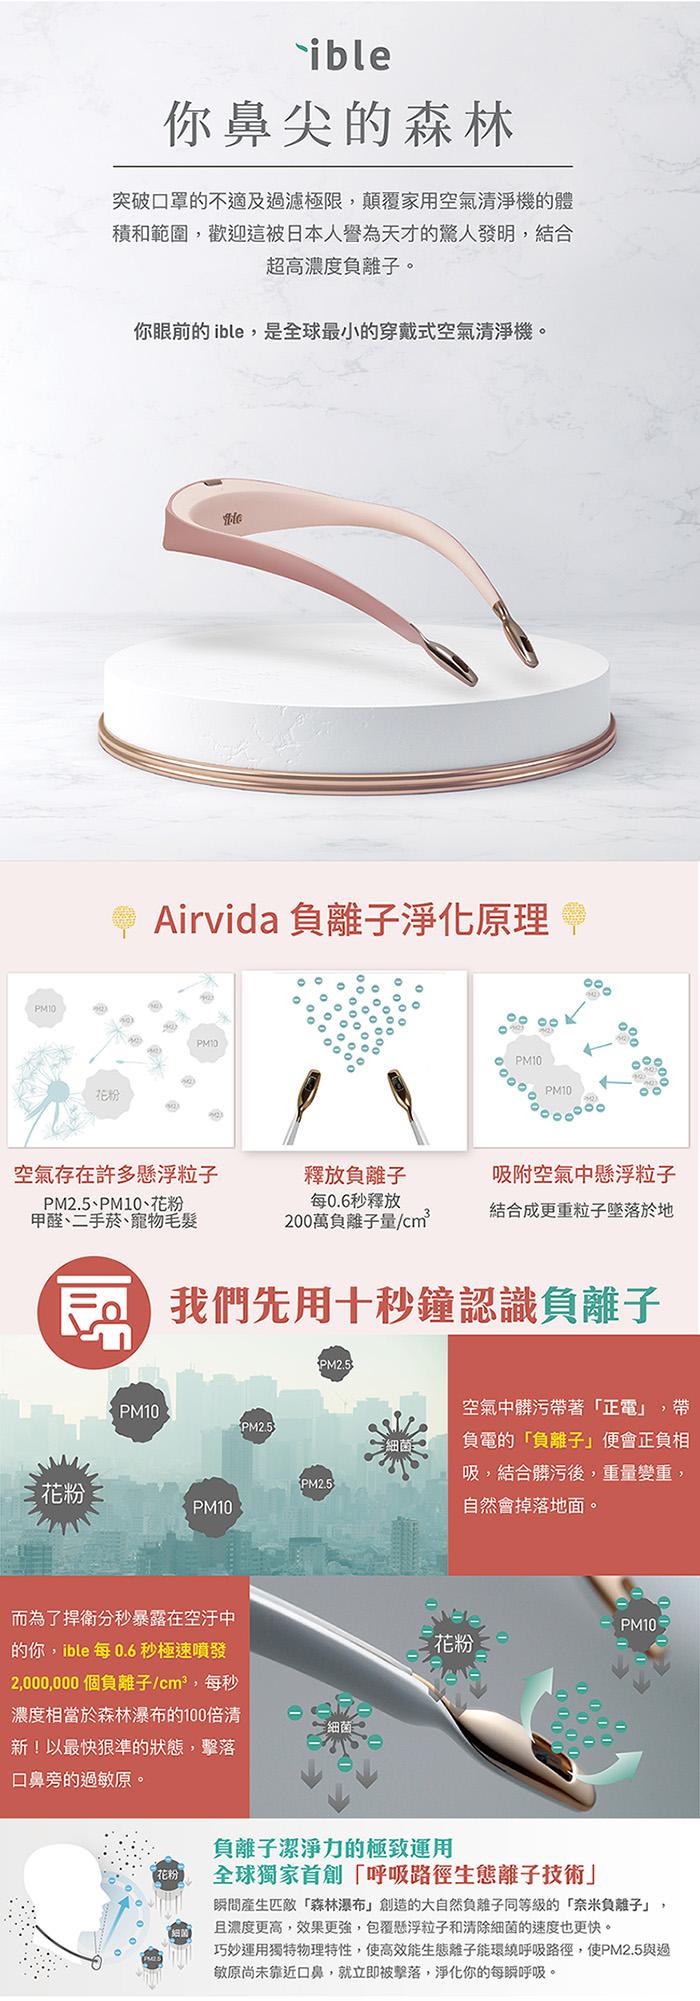 ible|Airvida 穿戴式負離子空氣清淨機_個人隨身型(尊爵白)